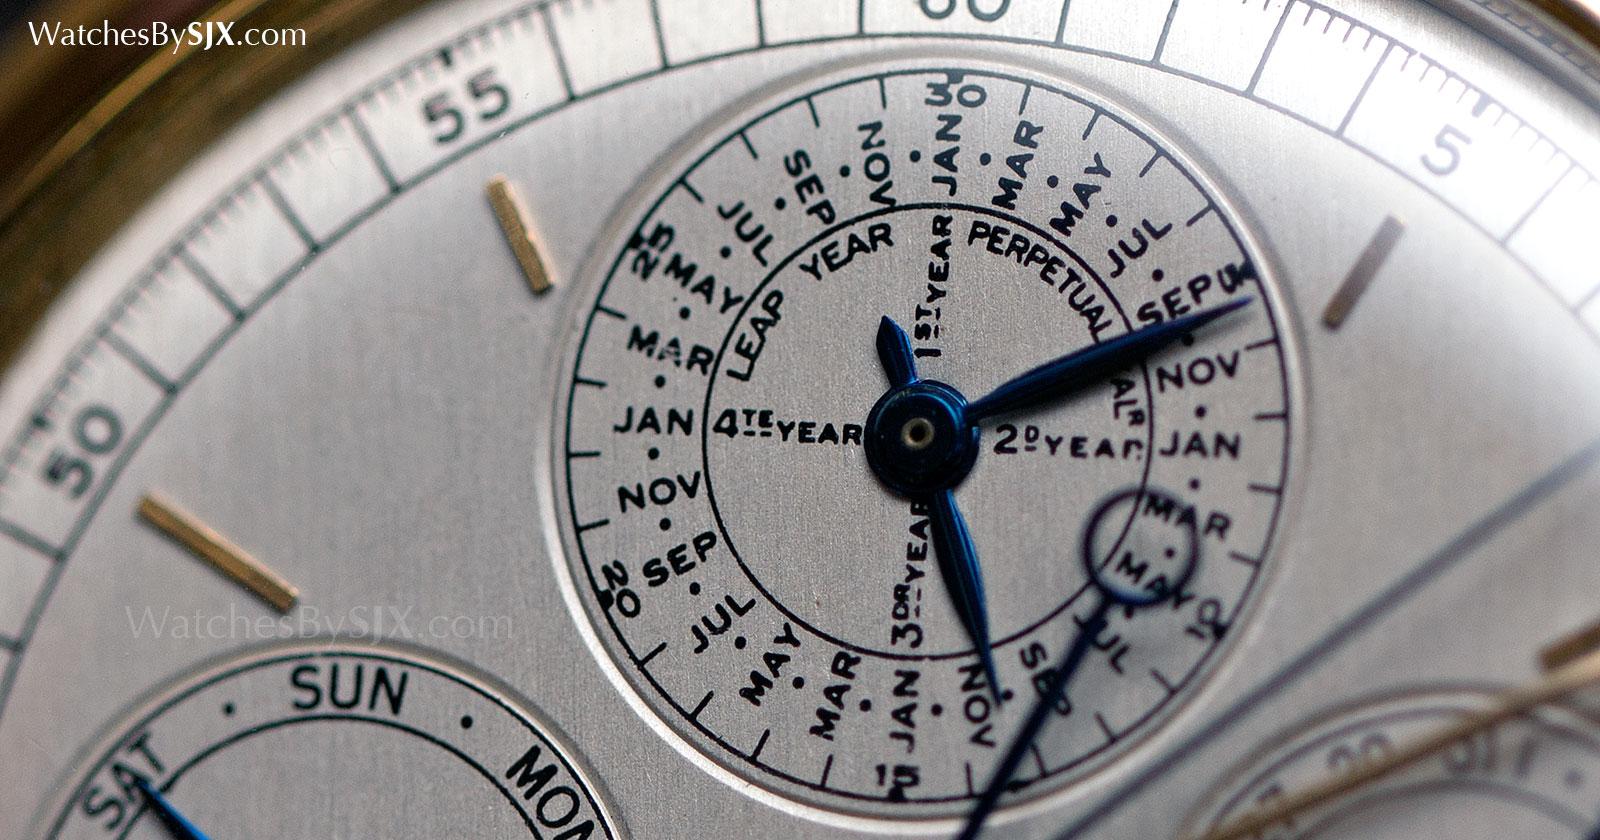 Audemars Piguet grand complication pocket watch c. 1970 2